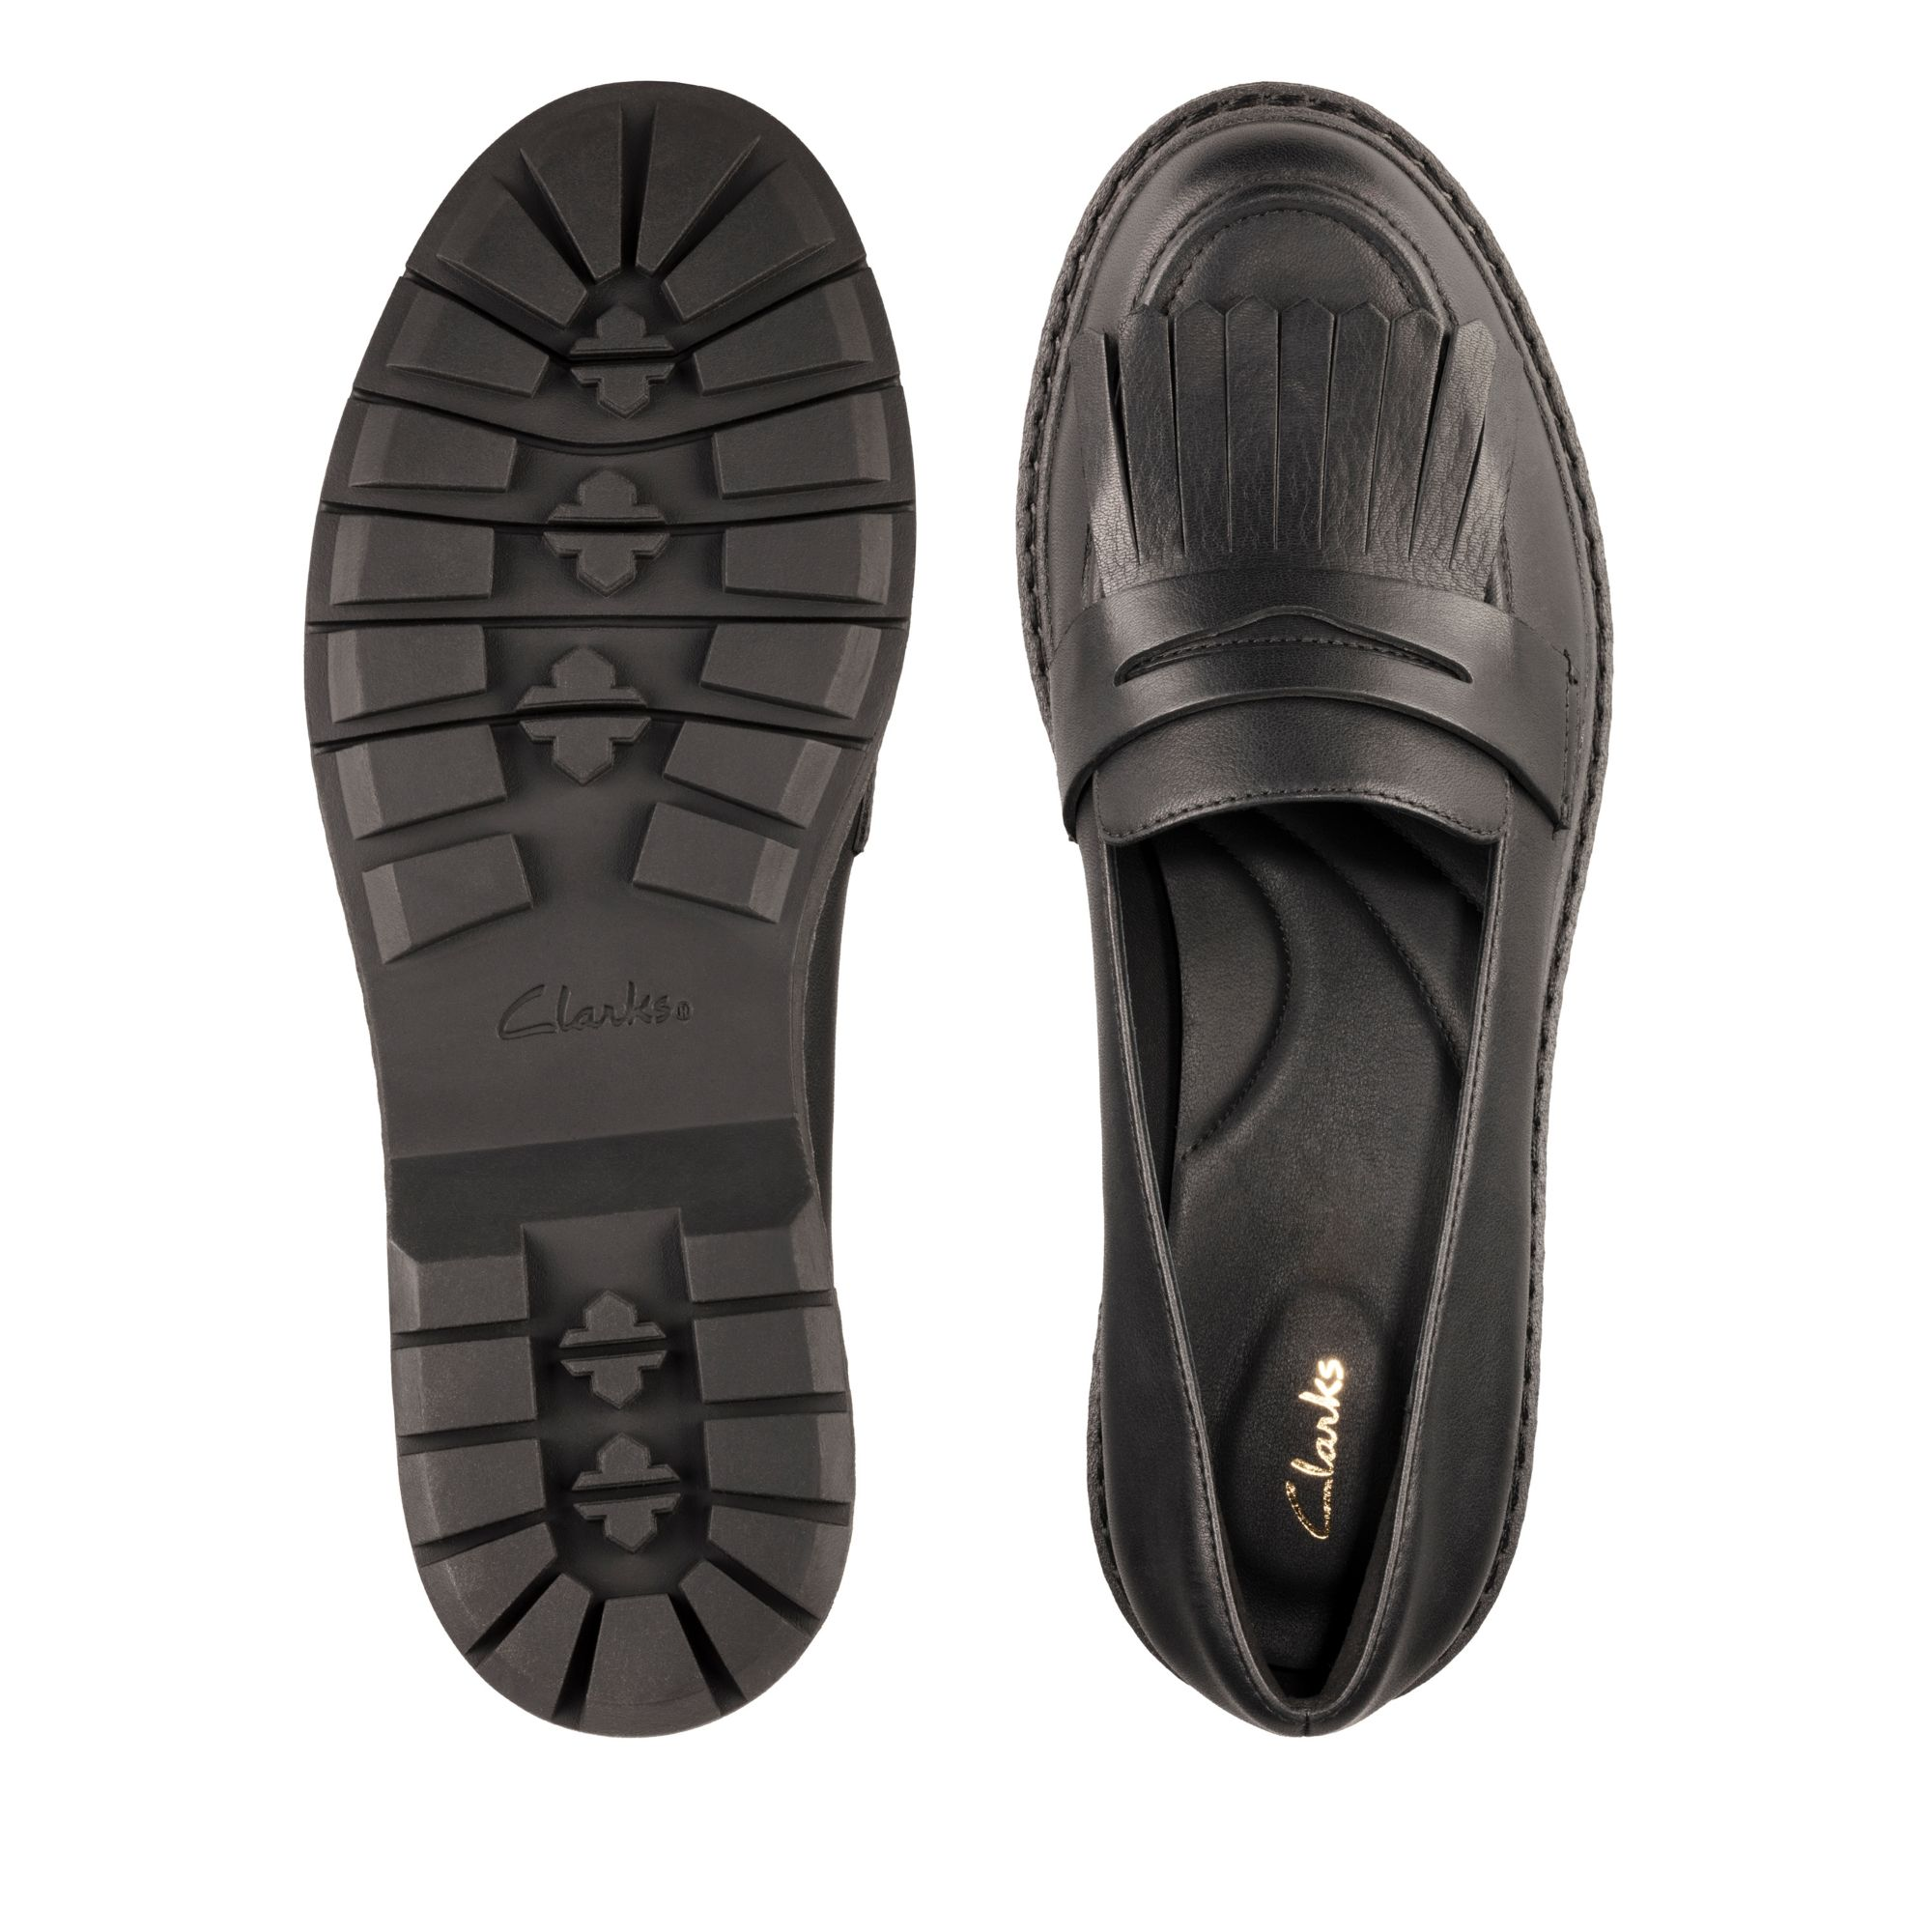 Дамски ежедневни обувки Clarks Witcombe Dawn от естествена кожа черни - снимка 6